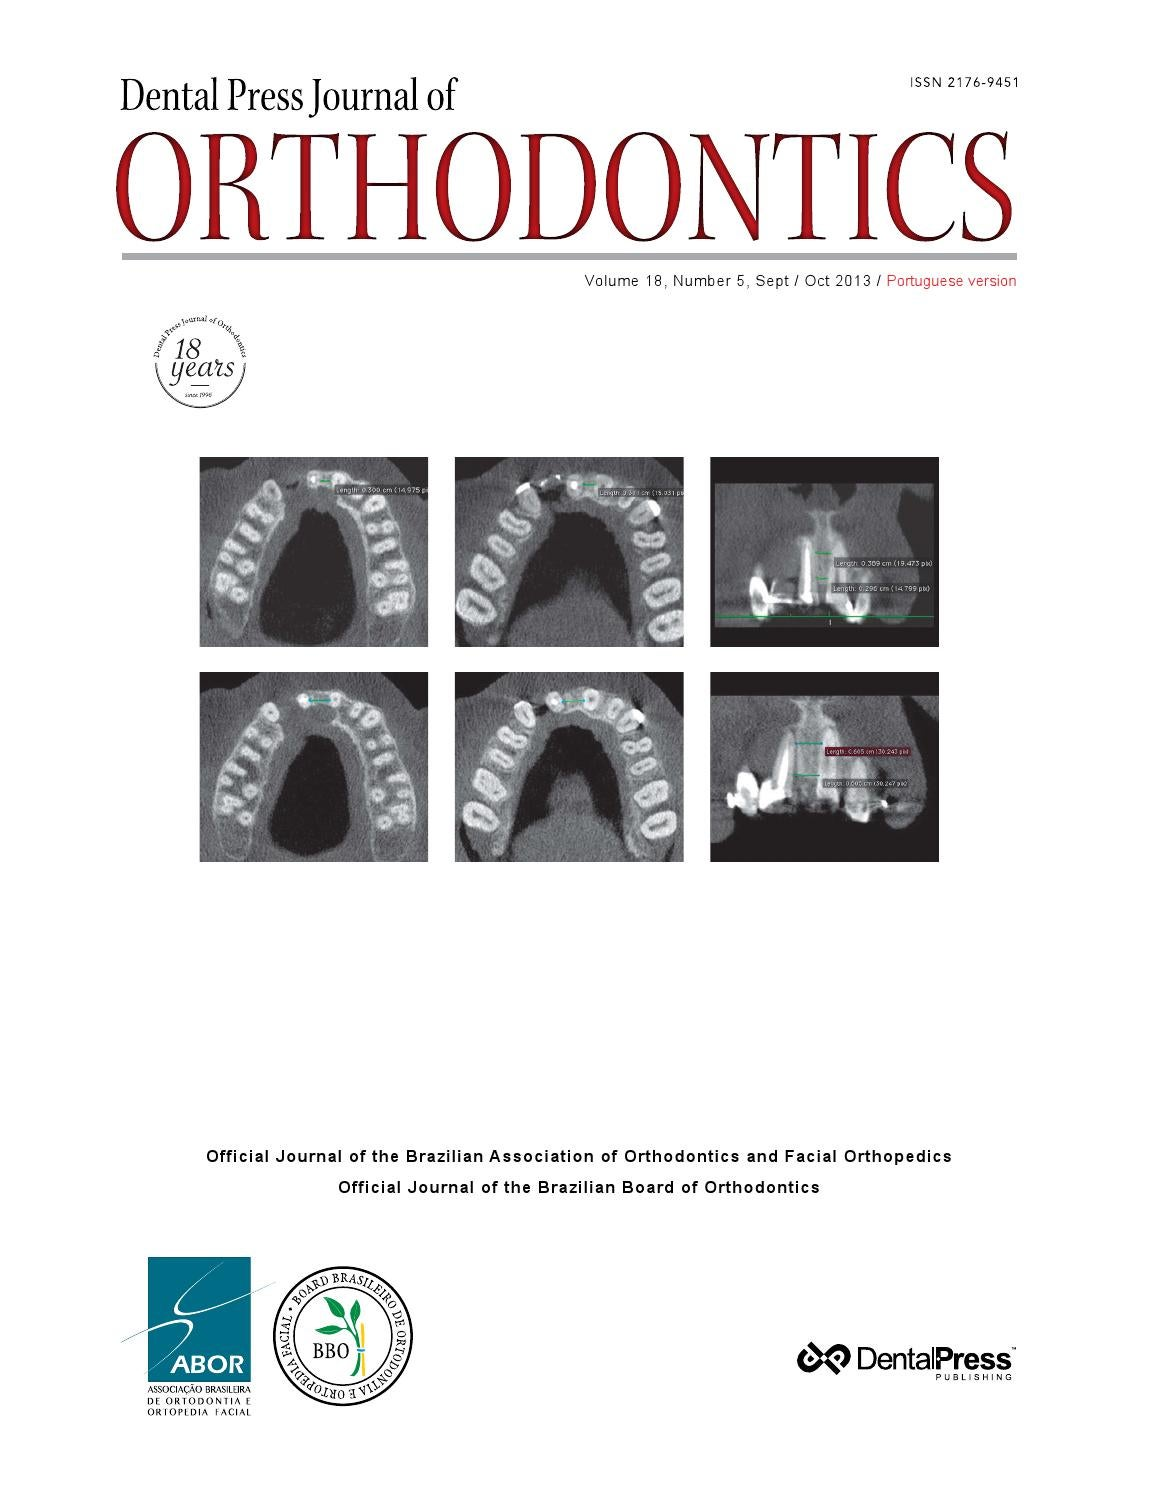 Dental press journal of orthodontics v 18 n 5 sept oct 2013 by dental press journal of orthodontics v 18 n 5 sept oct 2013 by dental press international issuu fandeluxe Choice Image